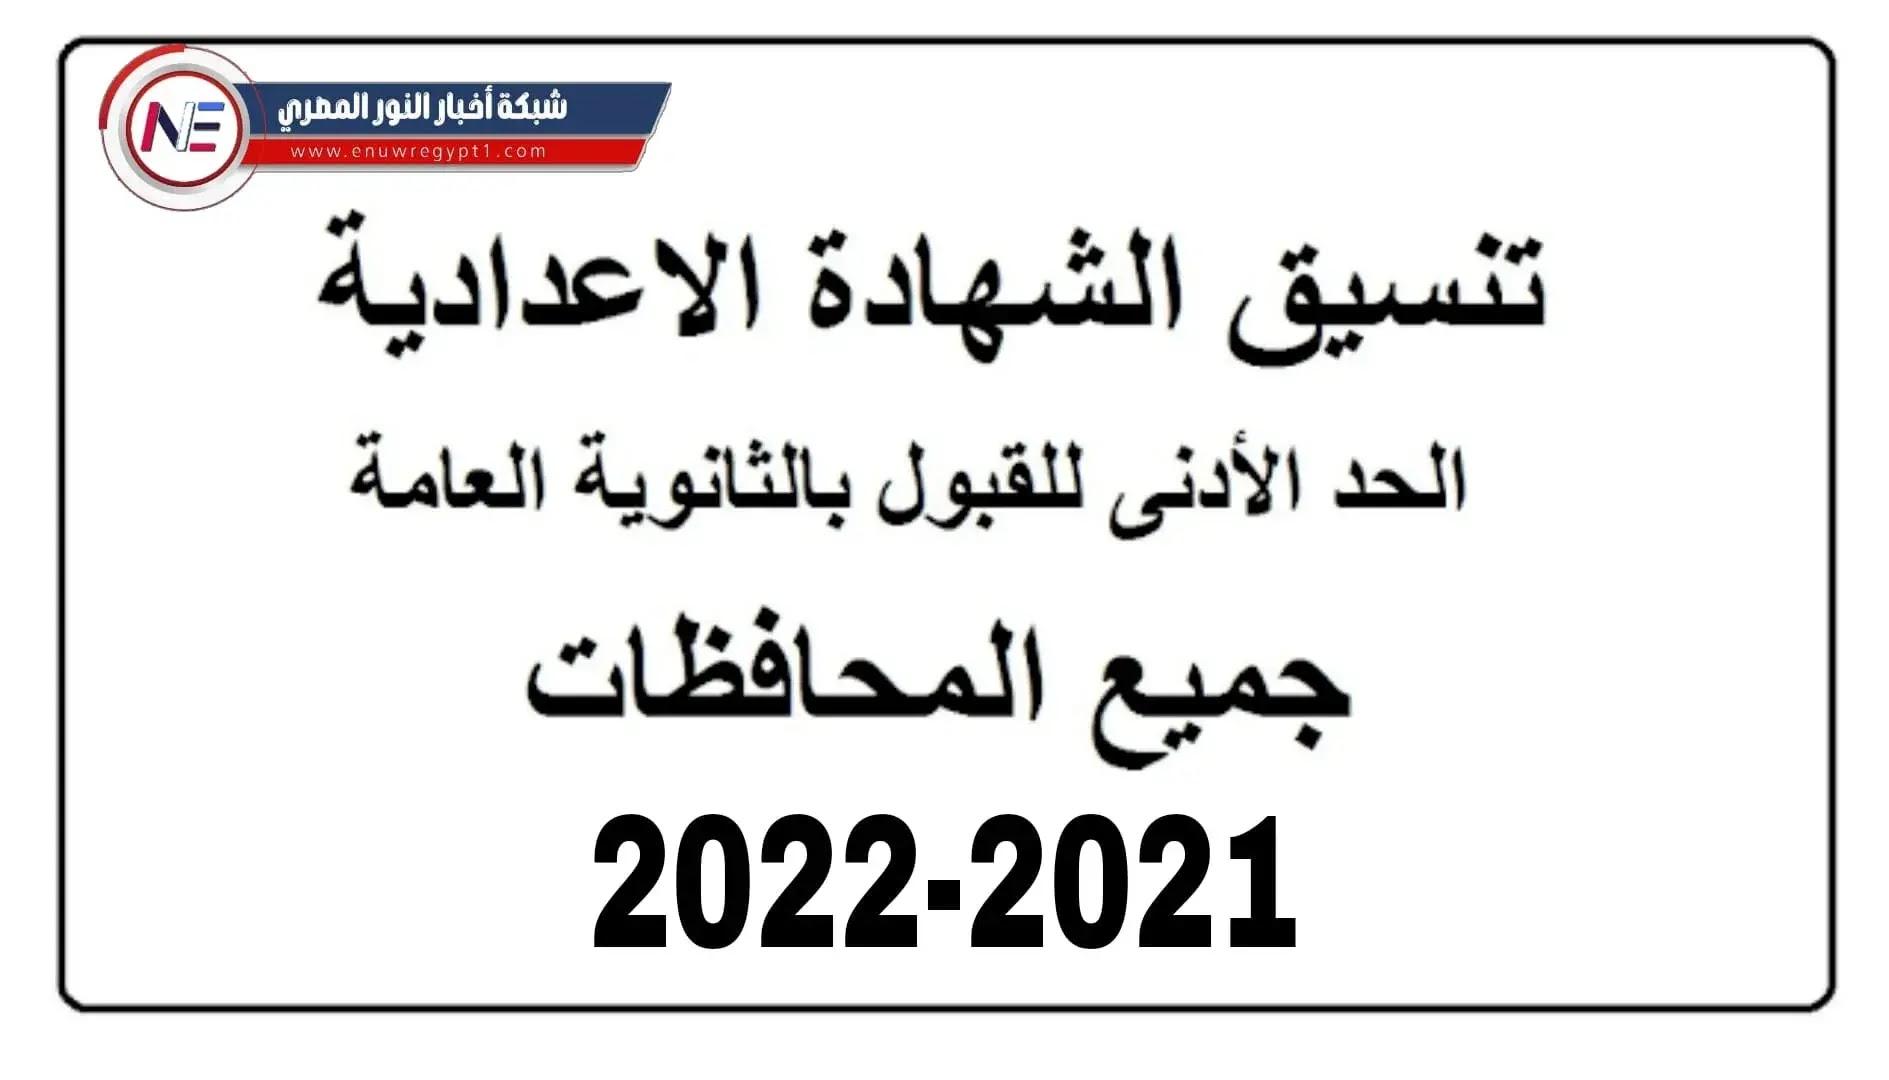 """بالدرجات تنسيق القبول بالثانوية العامة 2022 """"اليوم السابع"""" لطلاب بعد الاعداديه بجميع محافظات مصر"""